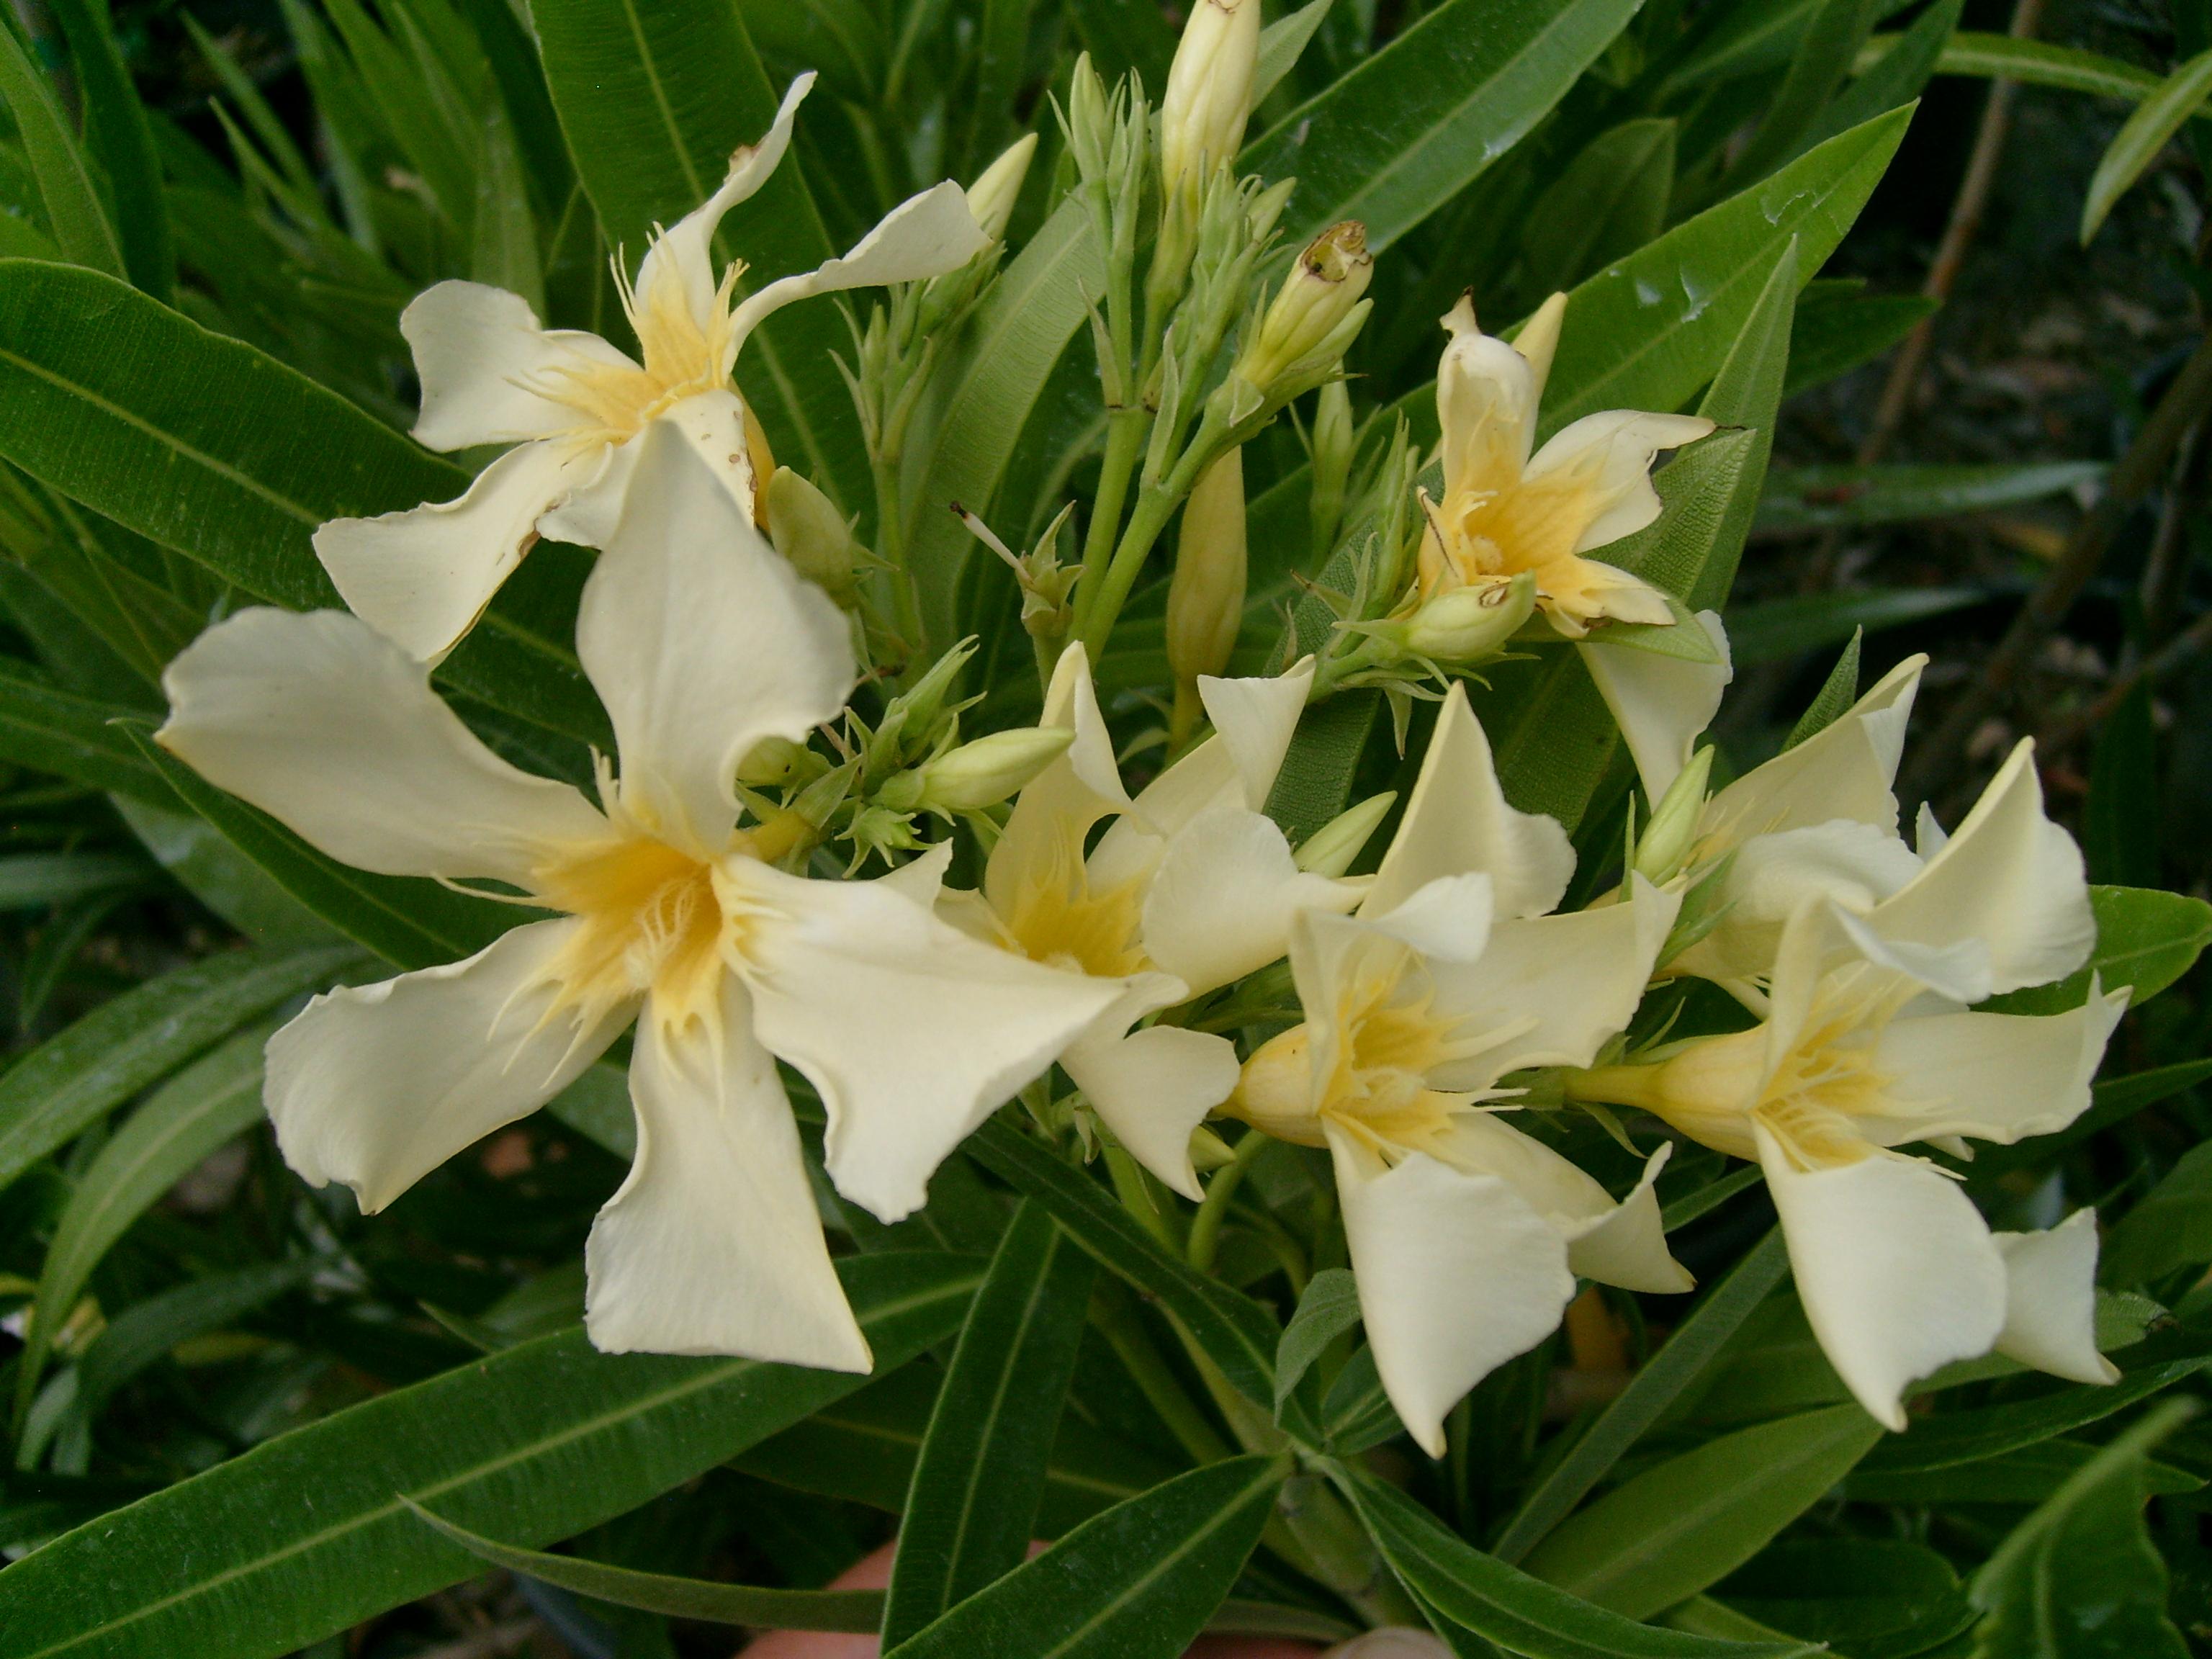 Oleandro giallo vivaio cipolloni for Oleandro riproduzione